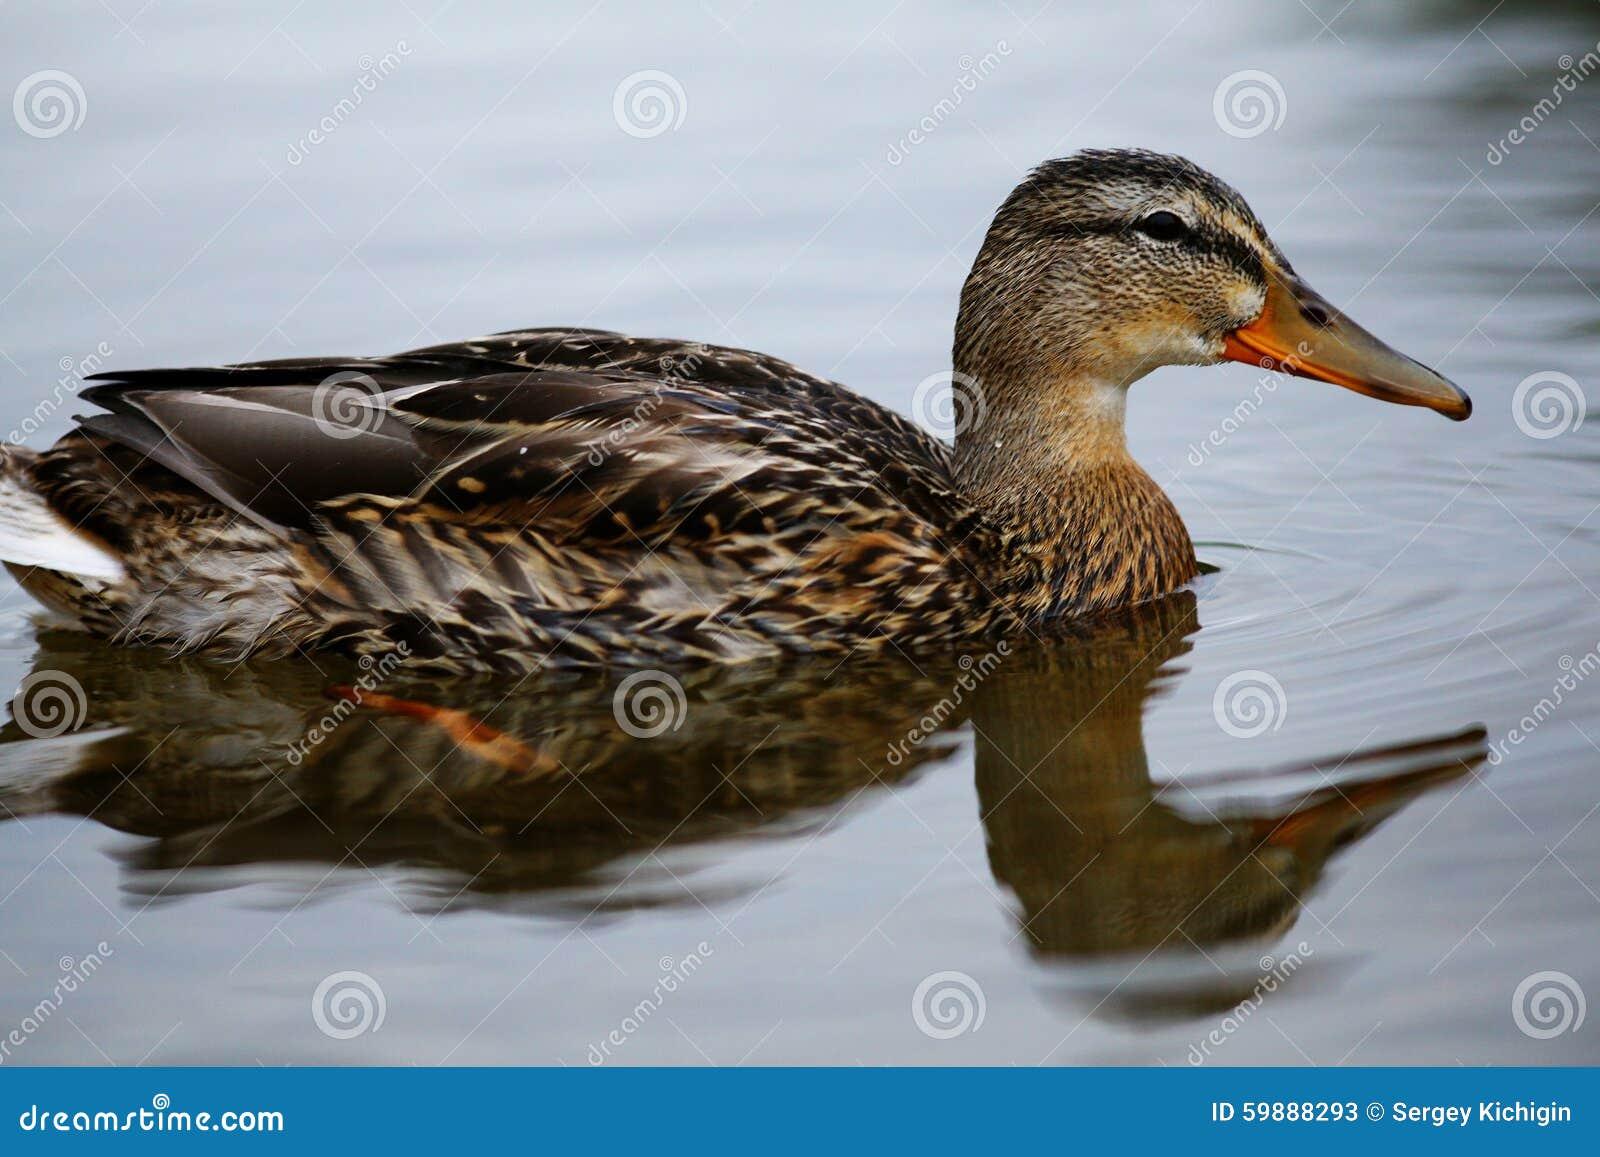 Natation de canard sauvage dans l étang